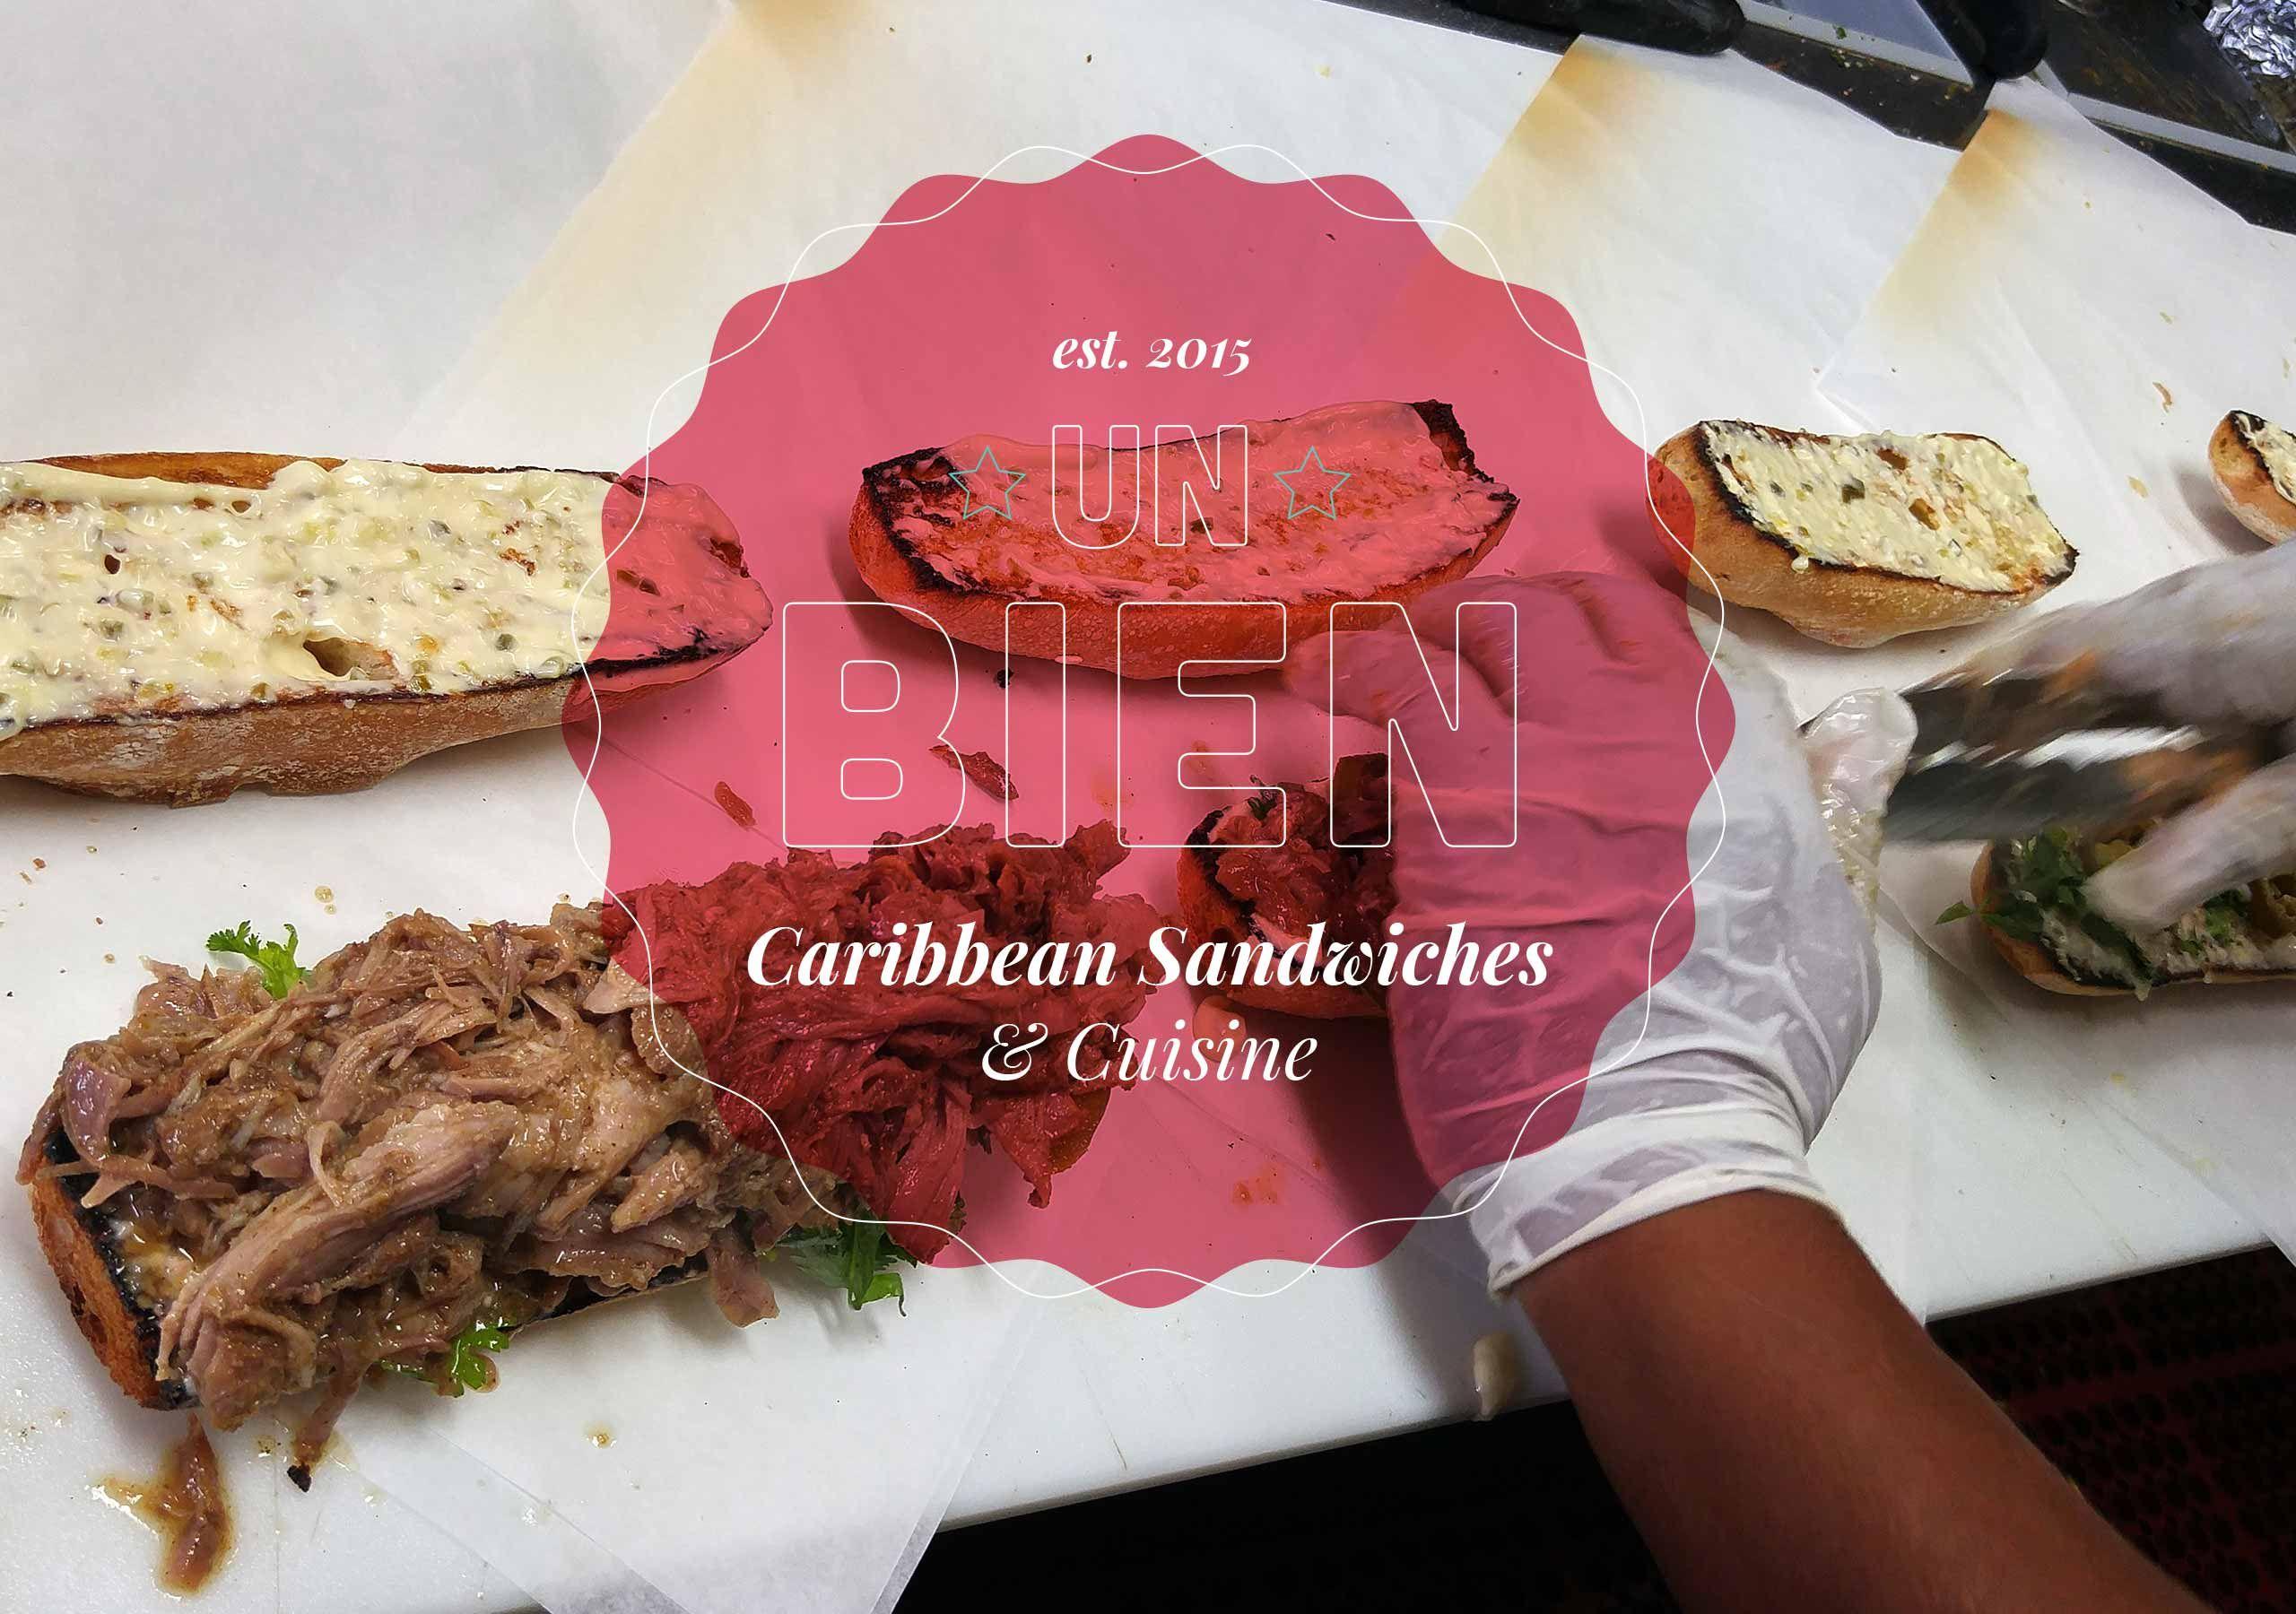 Ballard un bien caribbean sandwiches and cuisine same